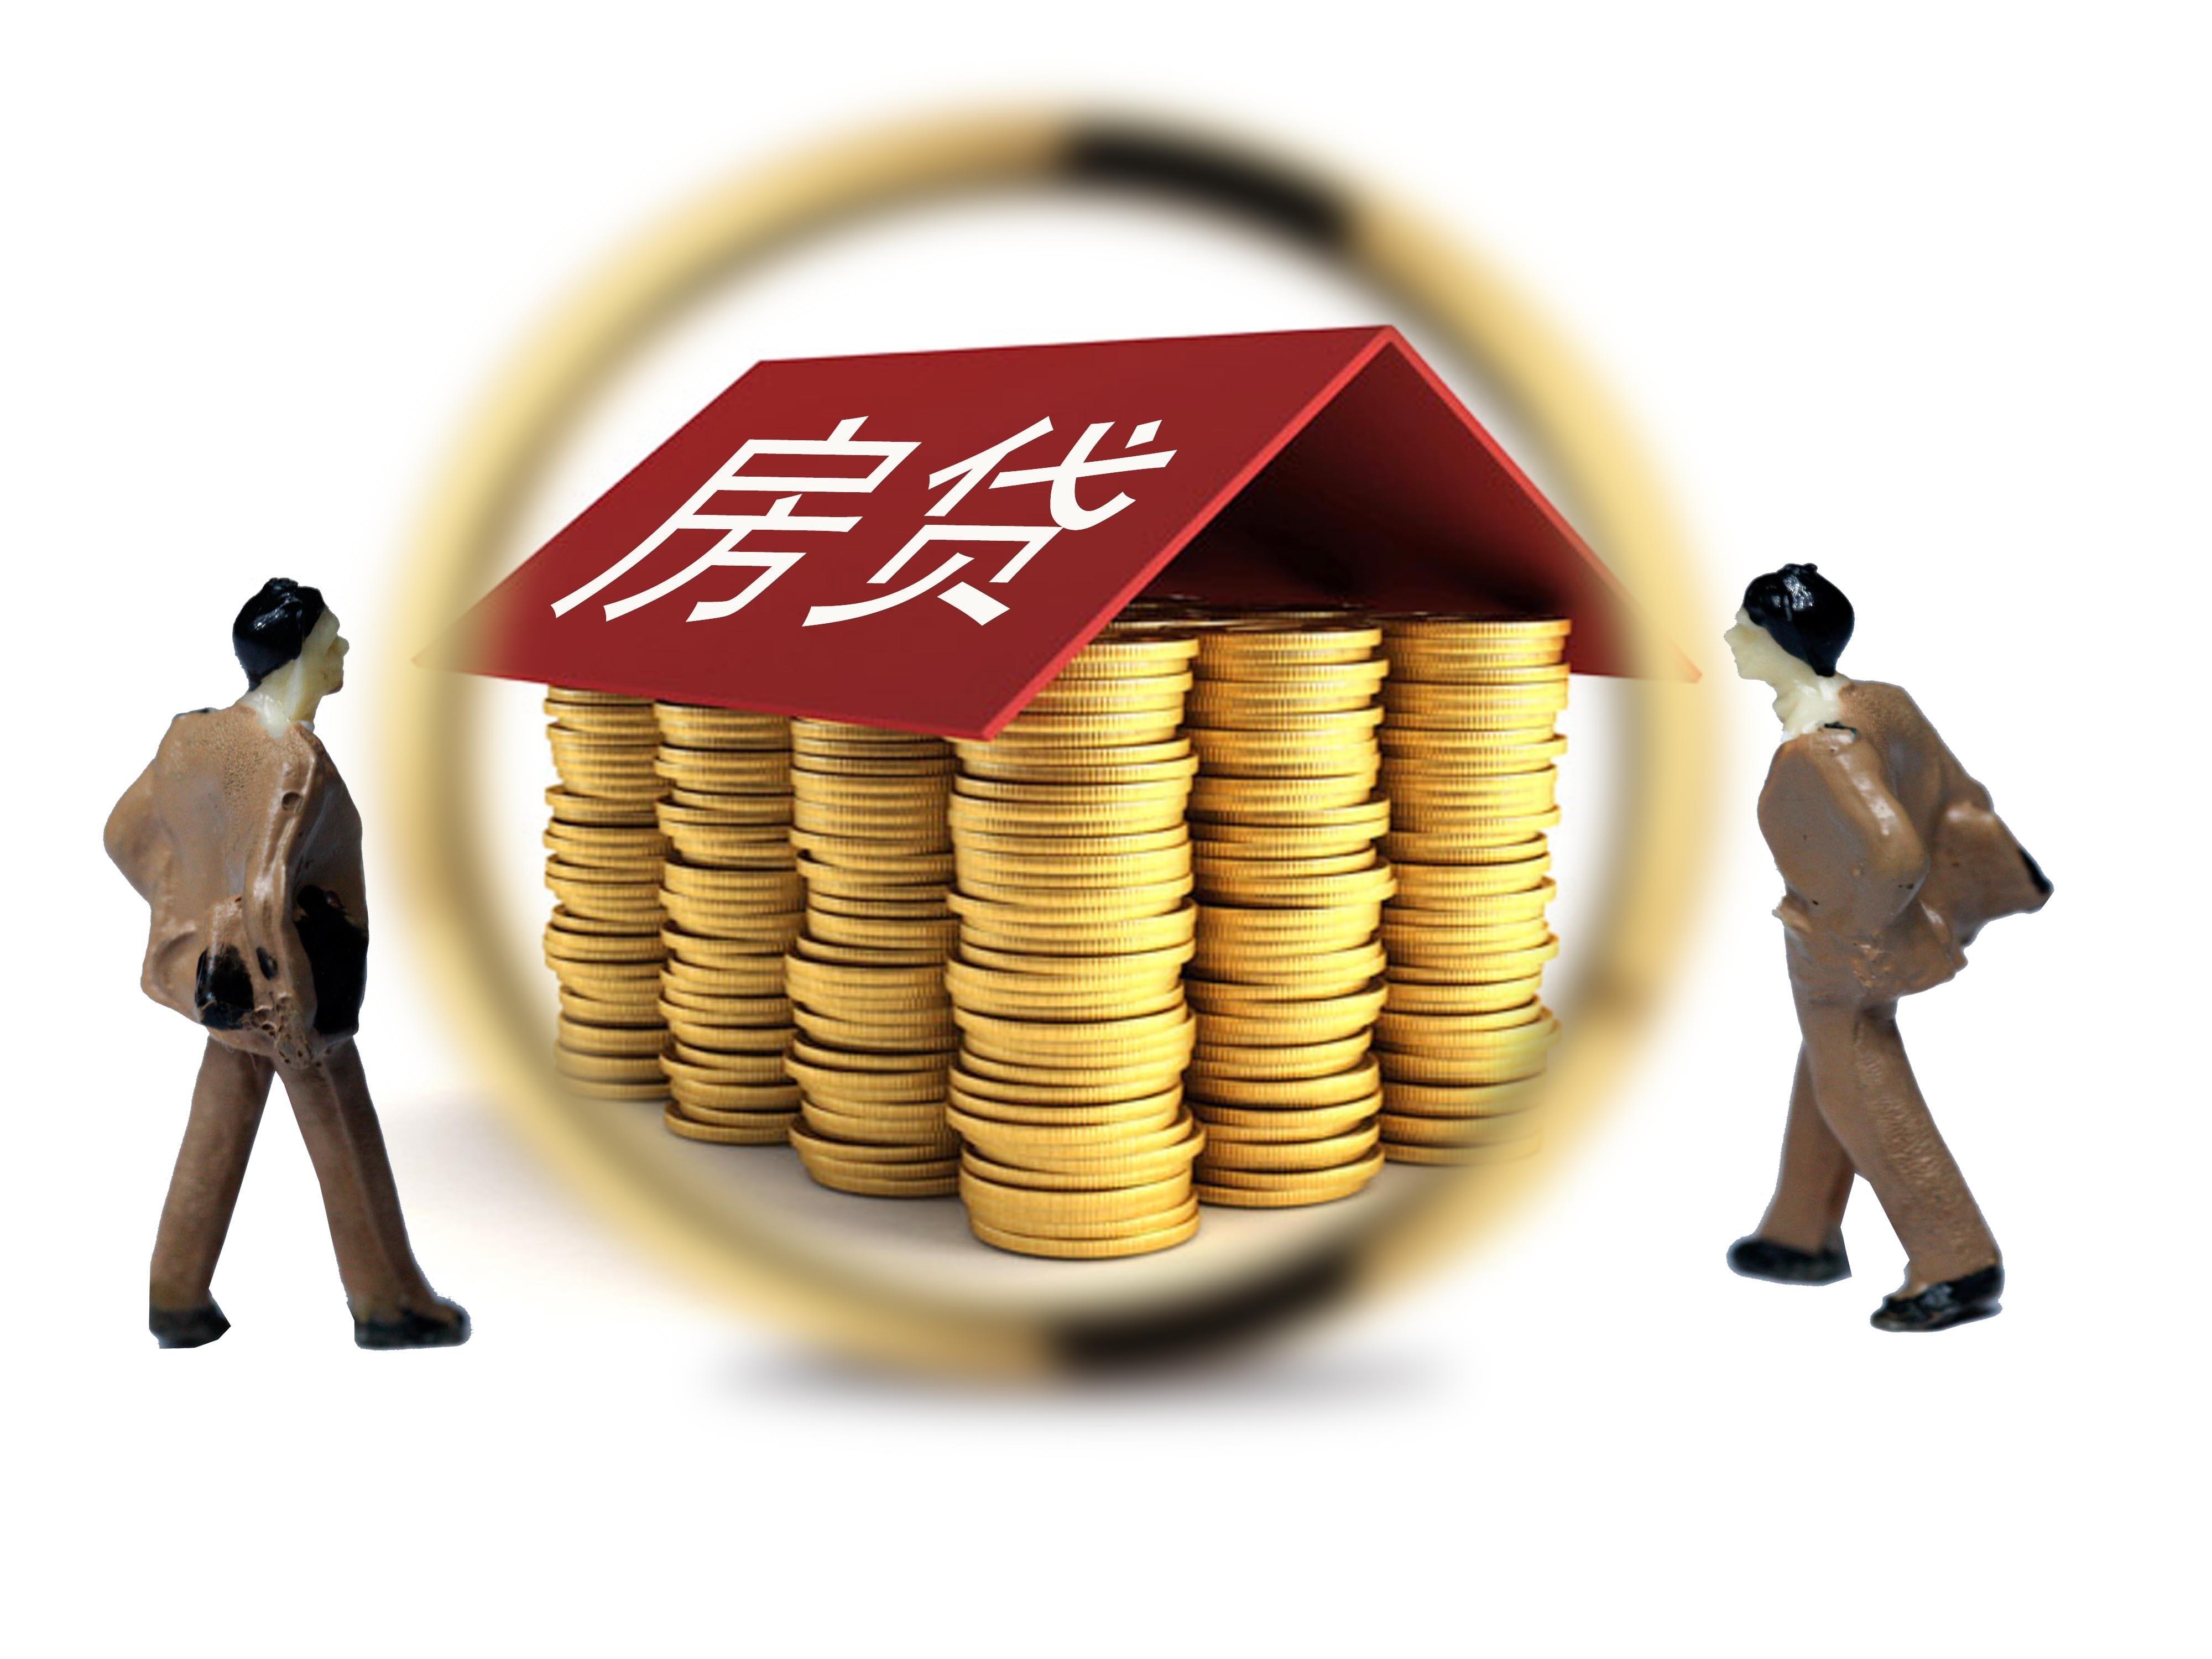 〖理財教育〗換房難了 二套房更難 住房貸款政策趨嚴趨緊